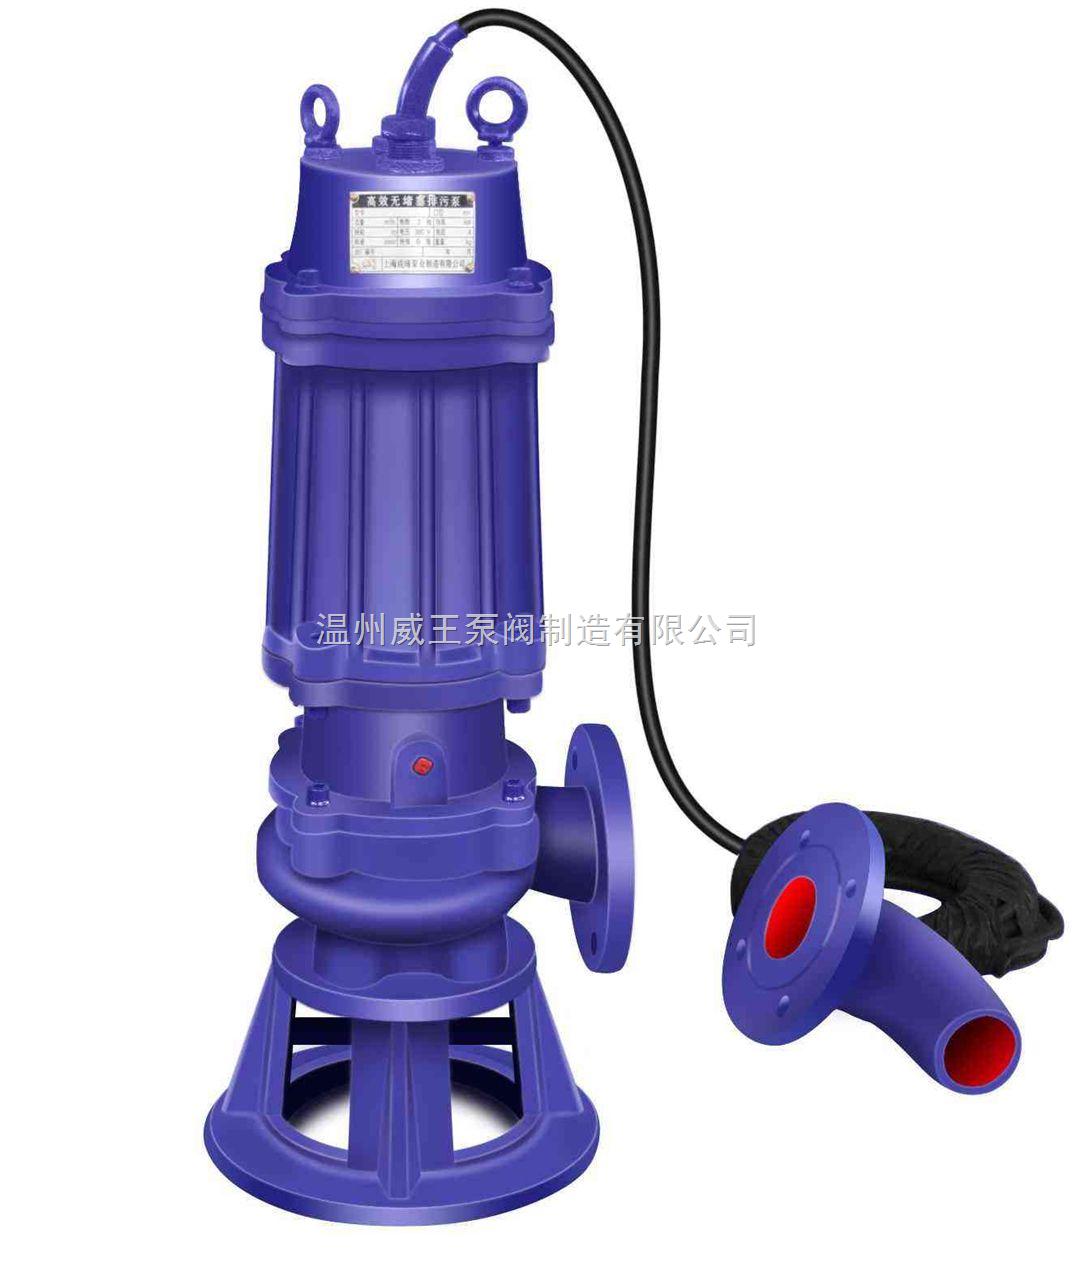 不锈钢排污泵立式管道污水提升泵 立式排污泵 管道式排污泵